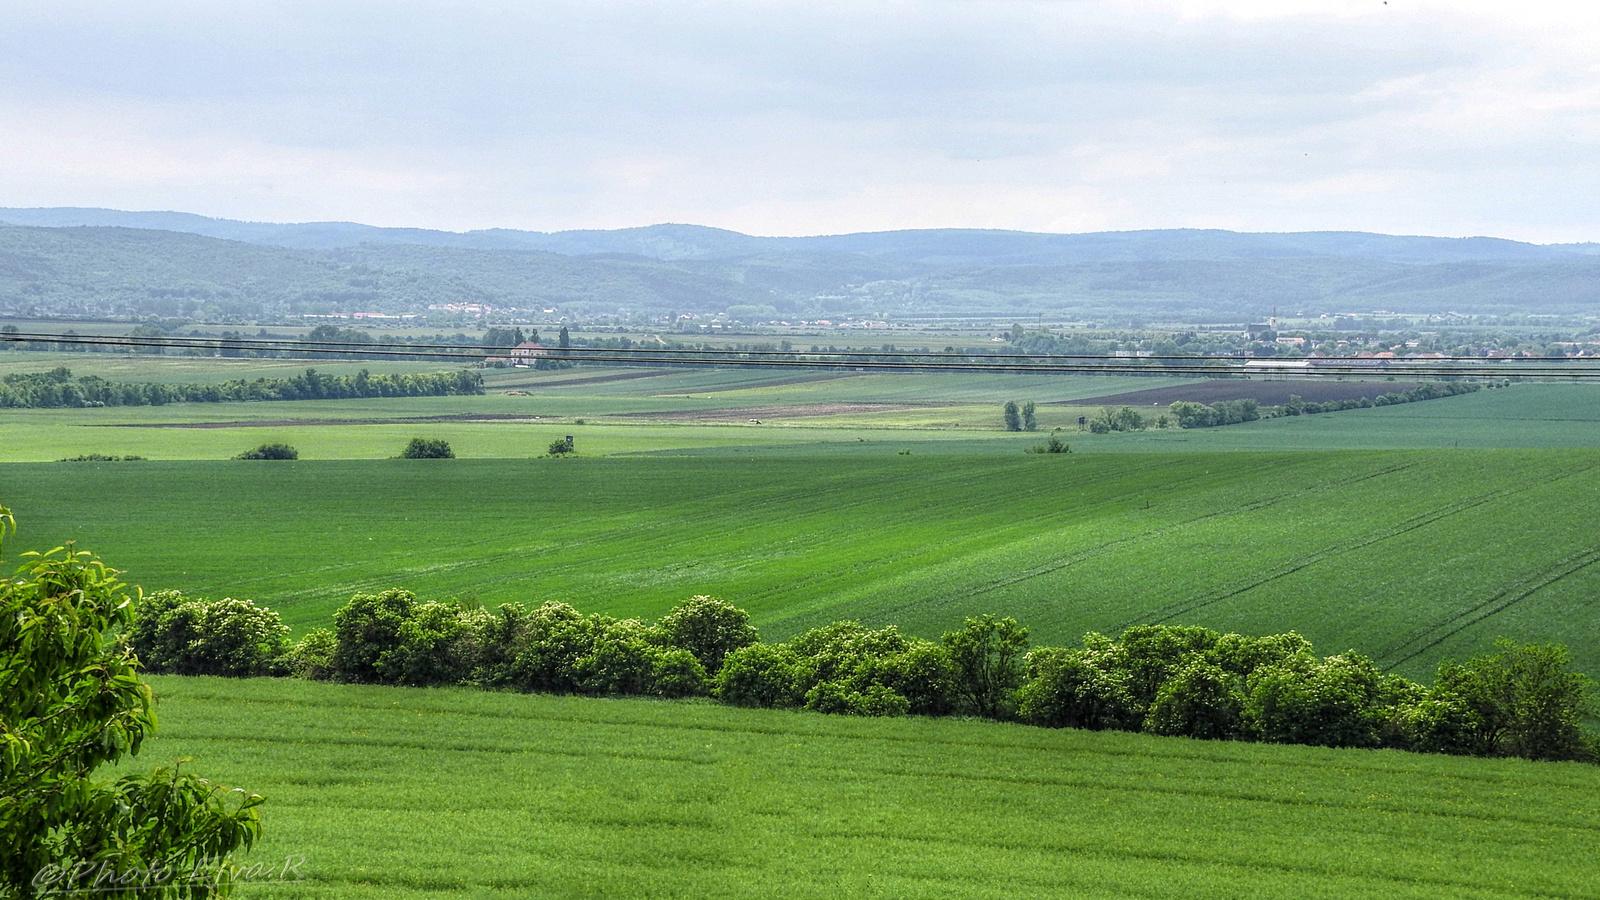 Tavasz Táj Sopron környéke